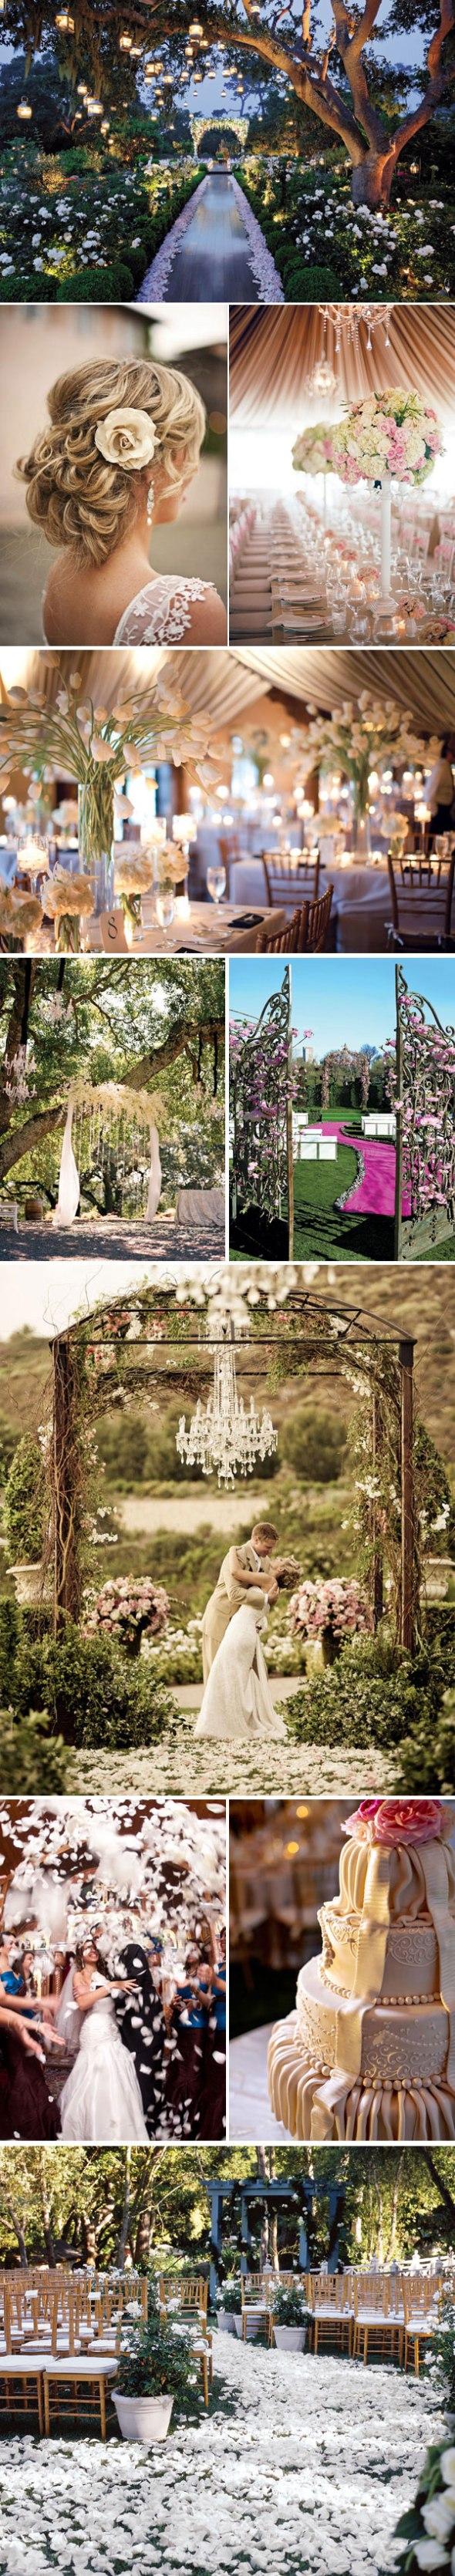 Bodas vintage- Tendencias bodas